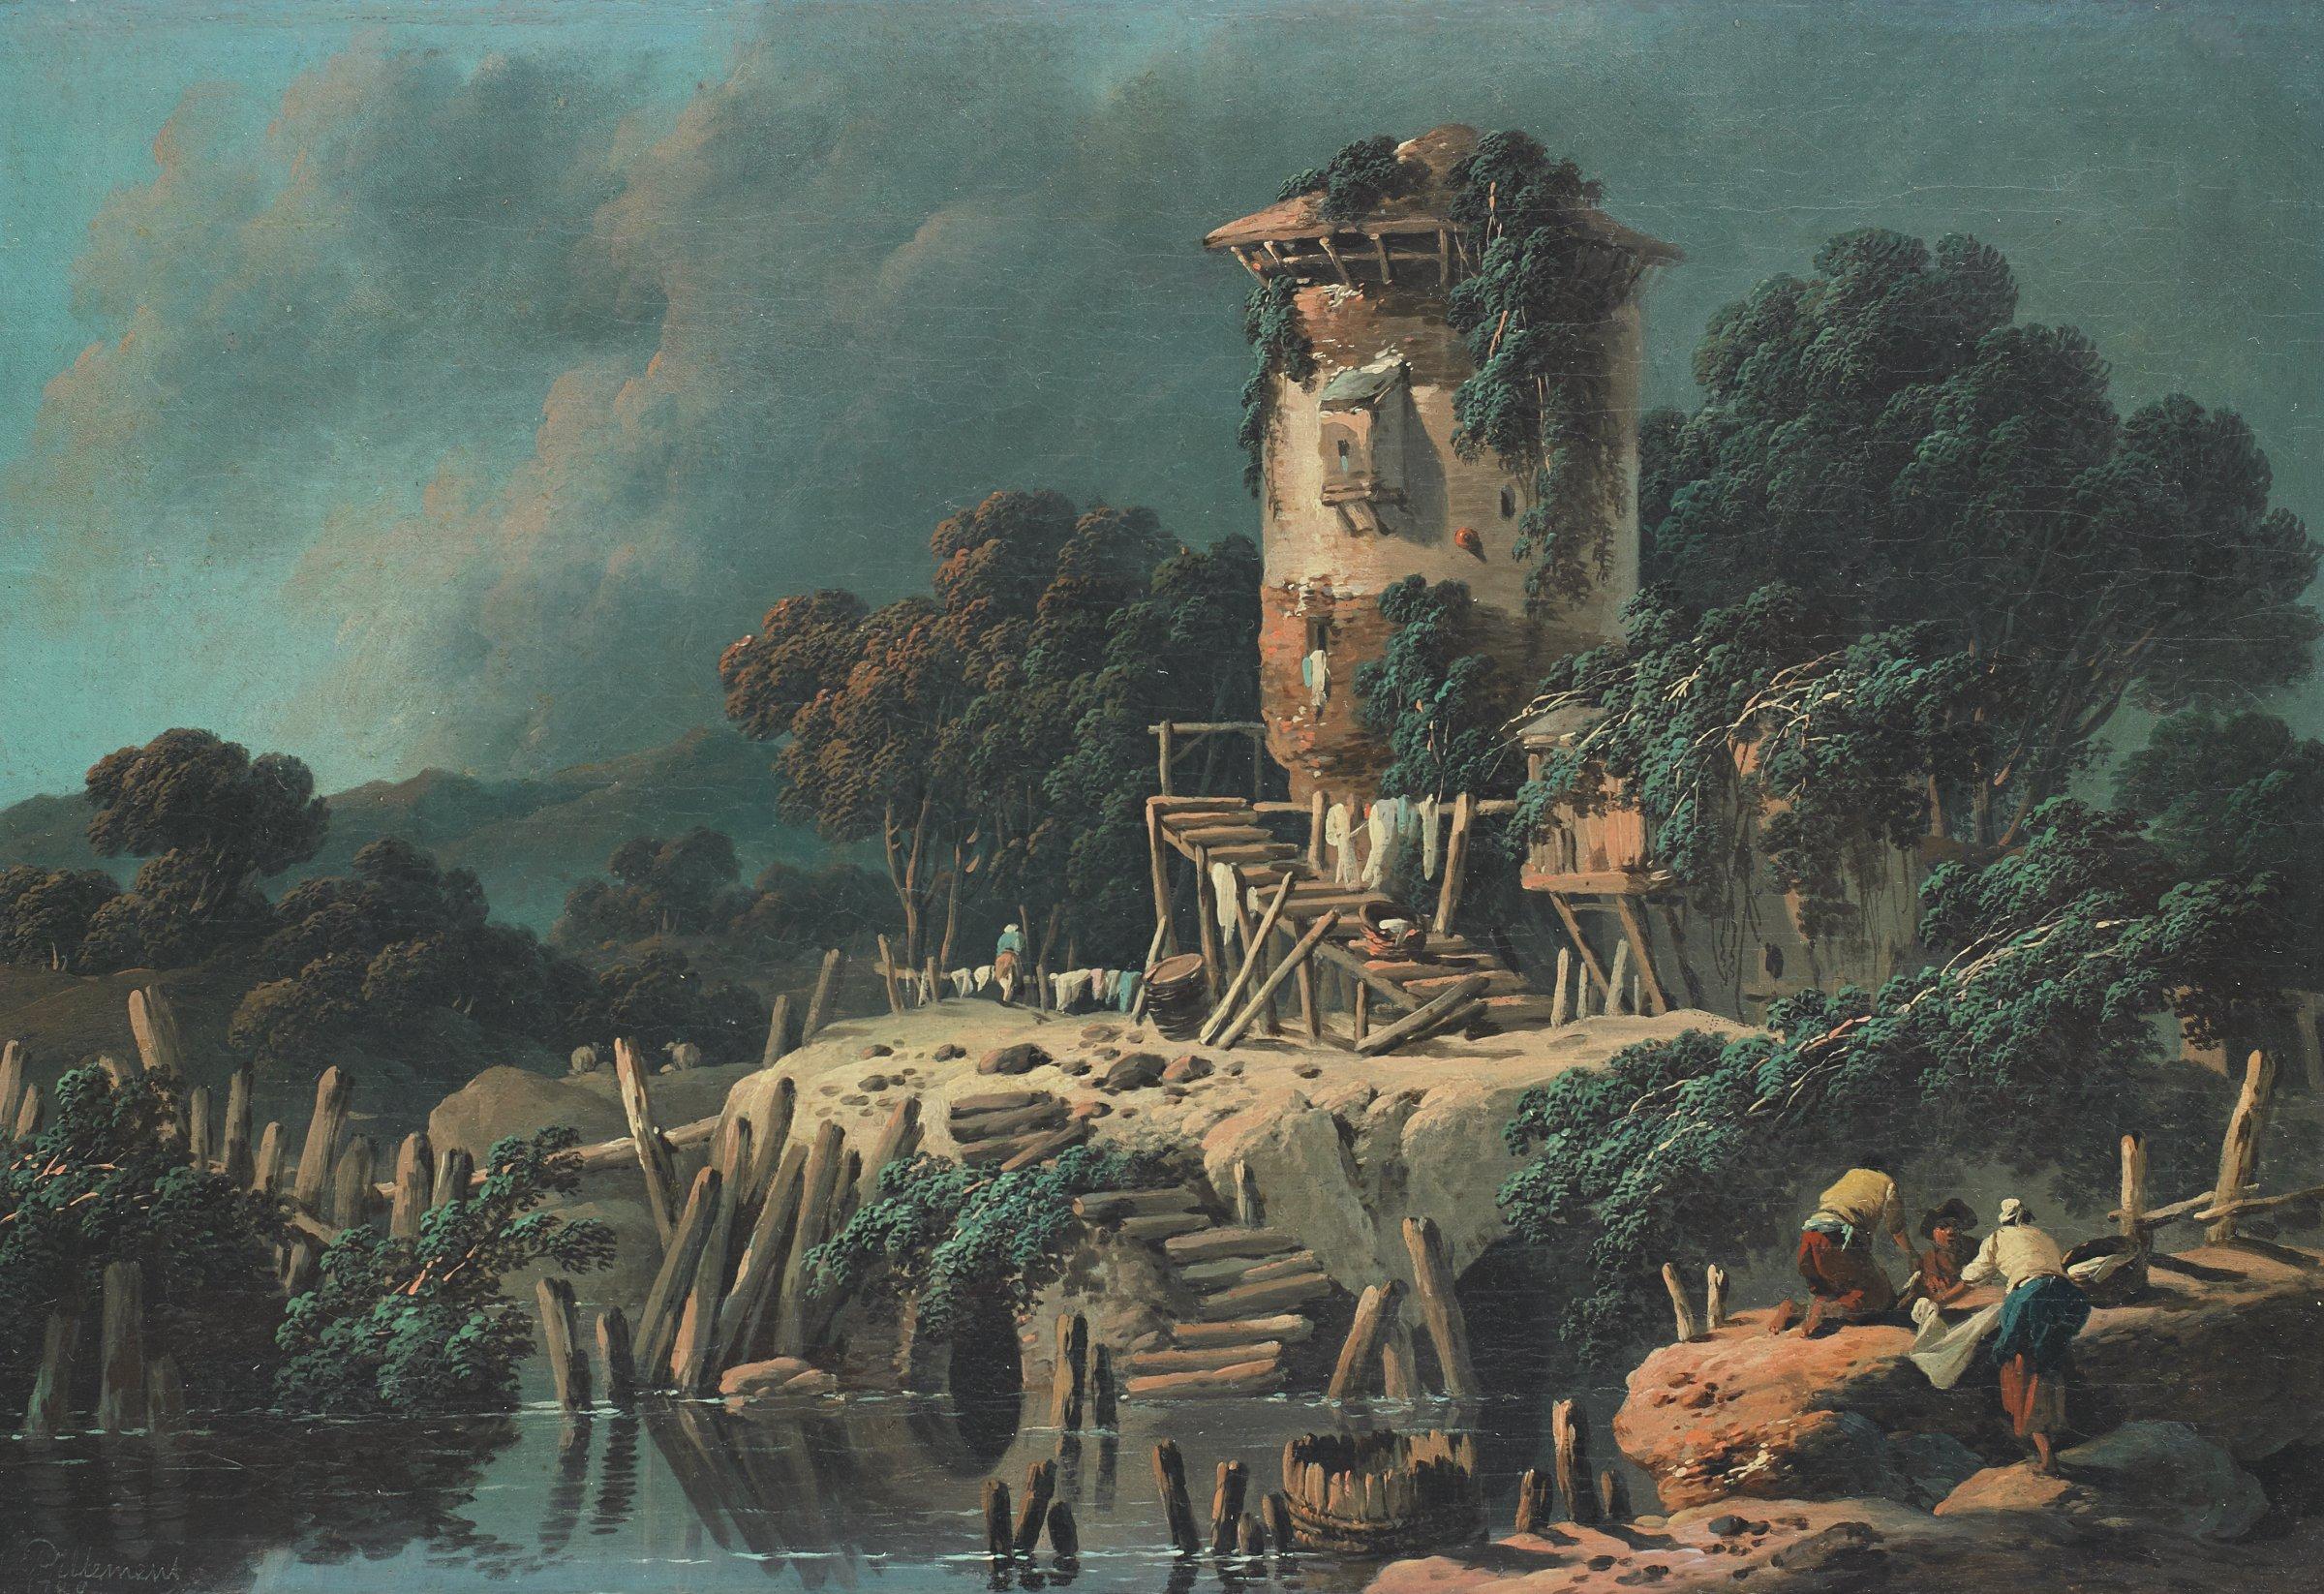 La Vielle Tour (Pastoral Landscape), Jean Baptiste Pillement, oil on canvas